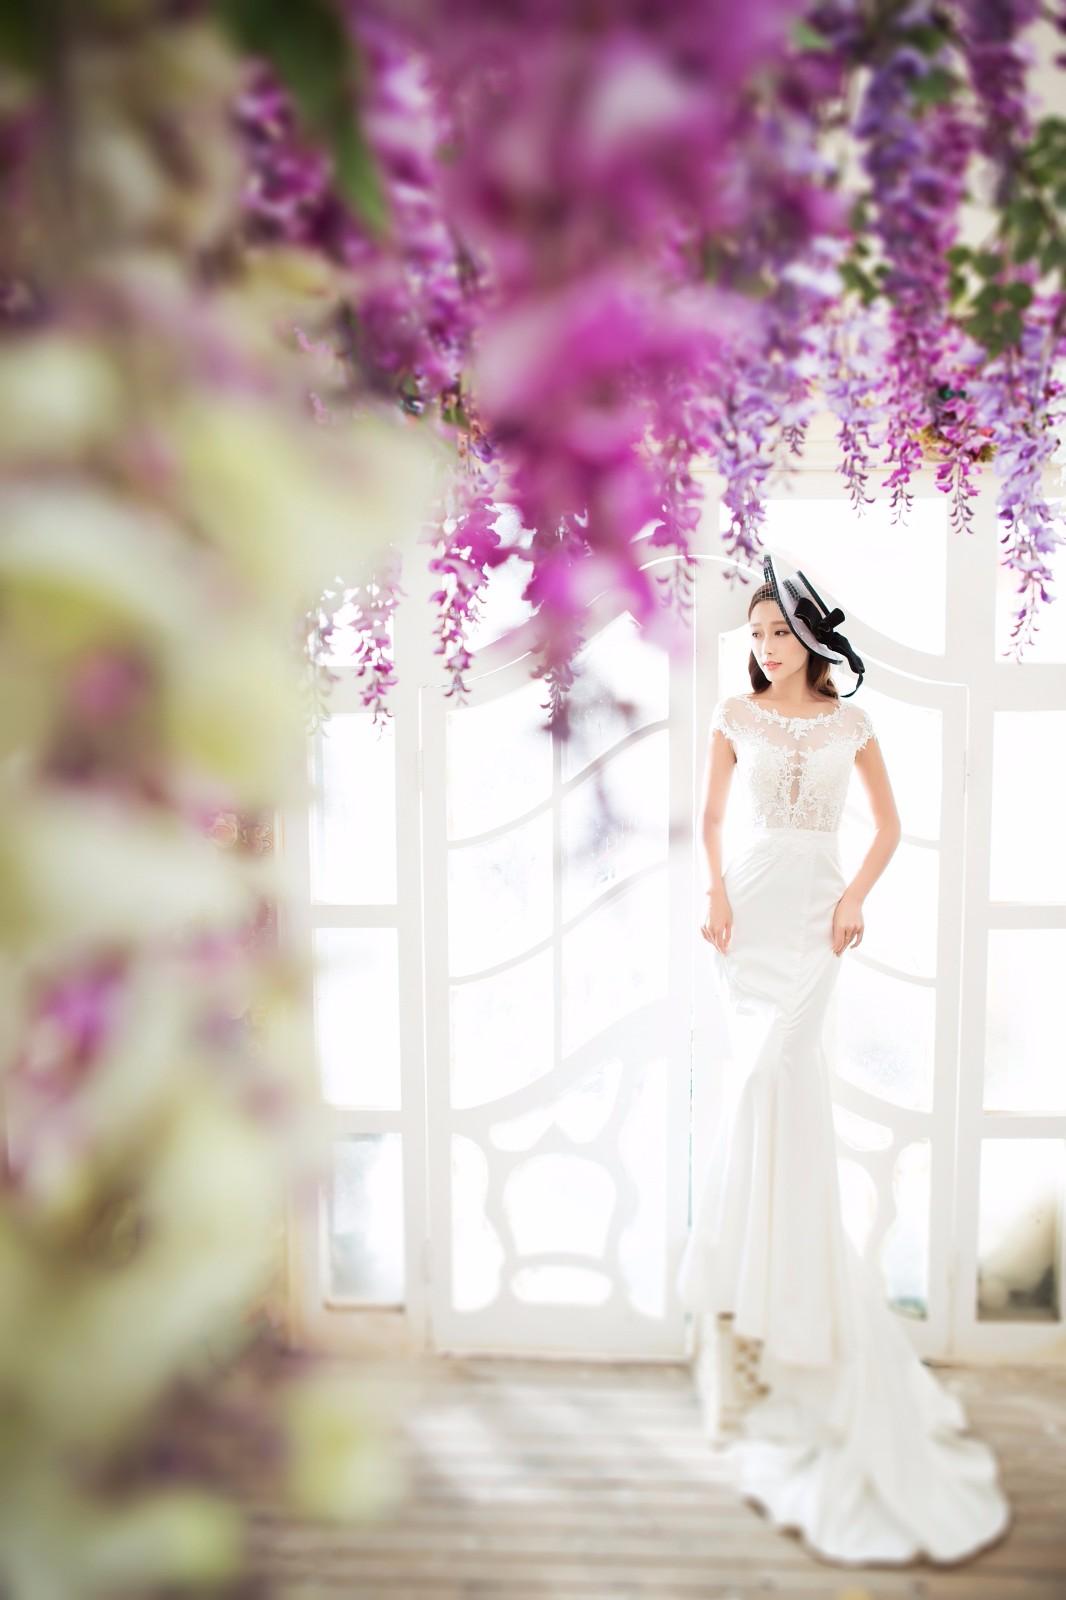 拍室内婚纱照多少钱?这就要根据自身的经济条件了